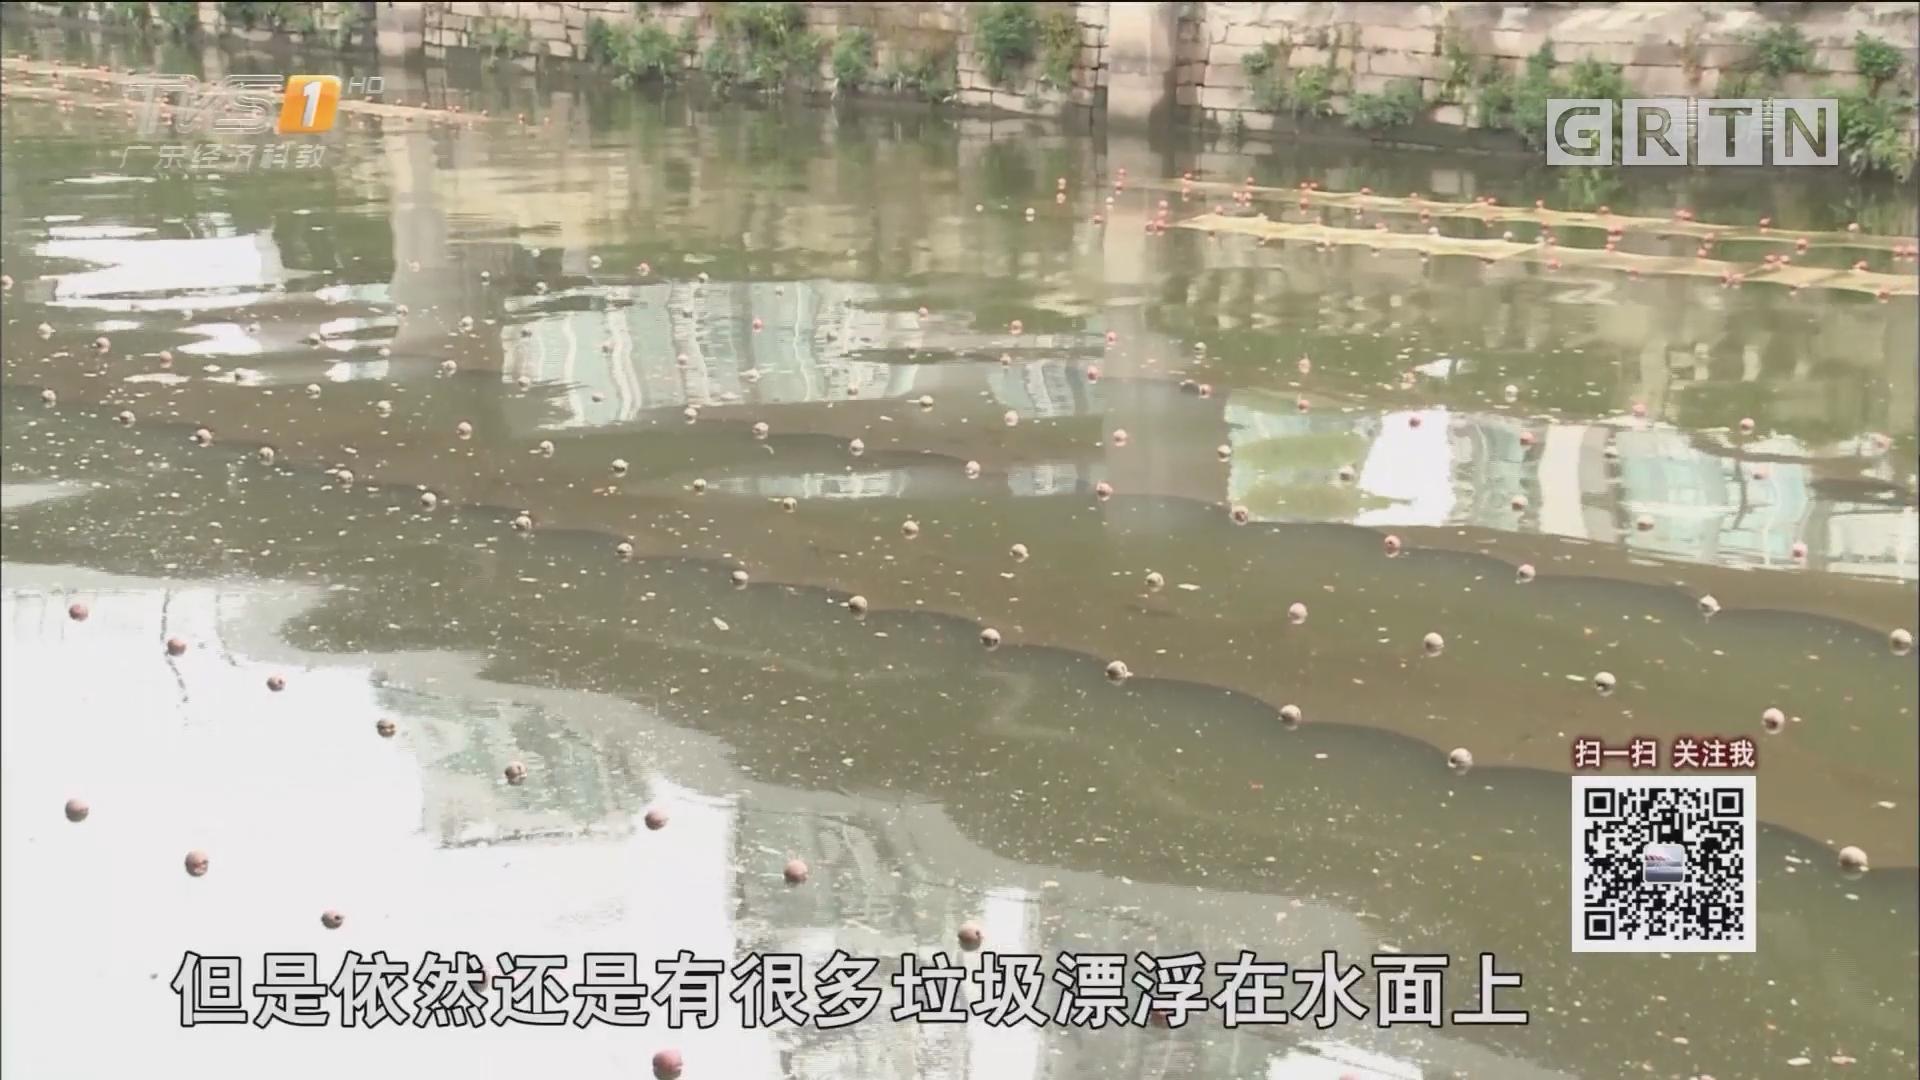 广州:沙基涌黑臭水体从何而来?